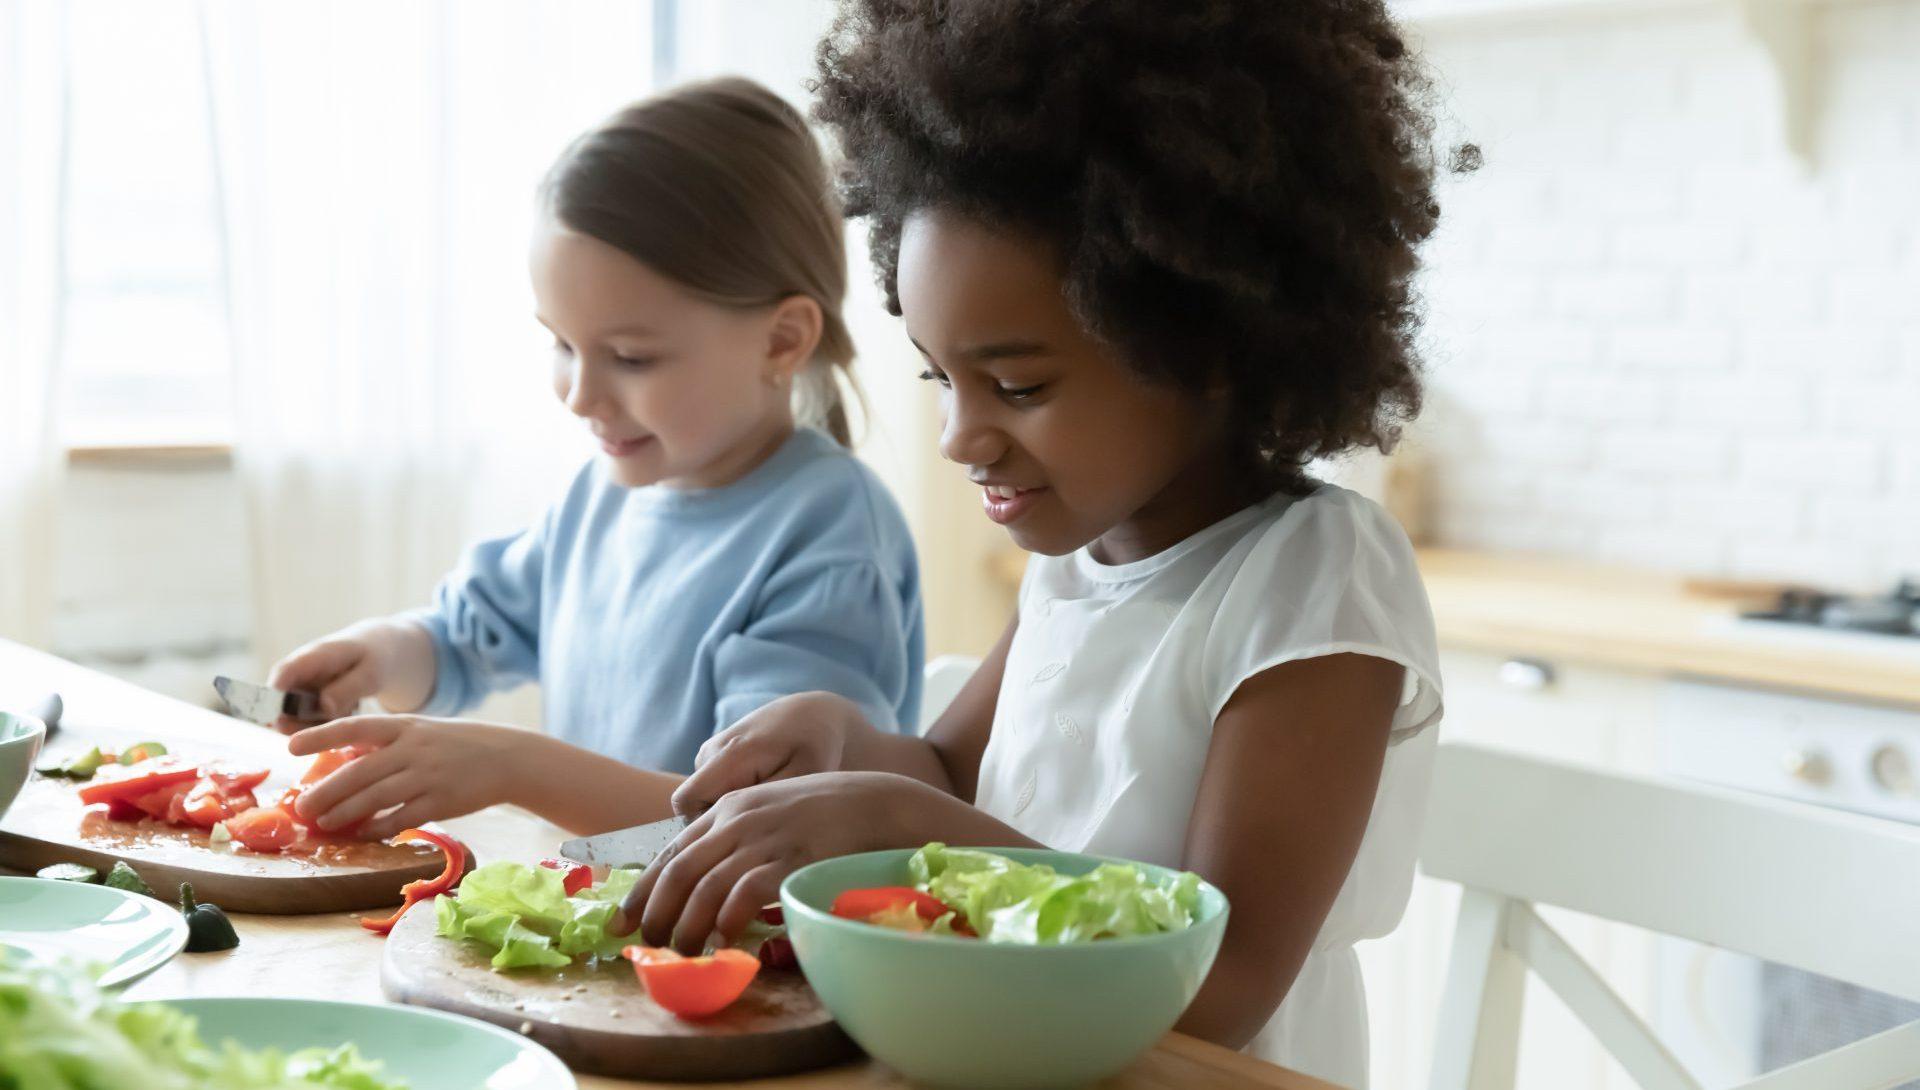 Les enfants cuisinent des fruits et légumes